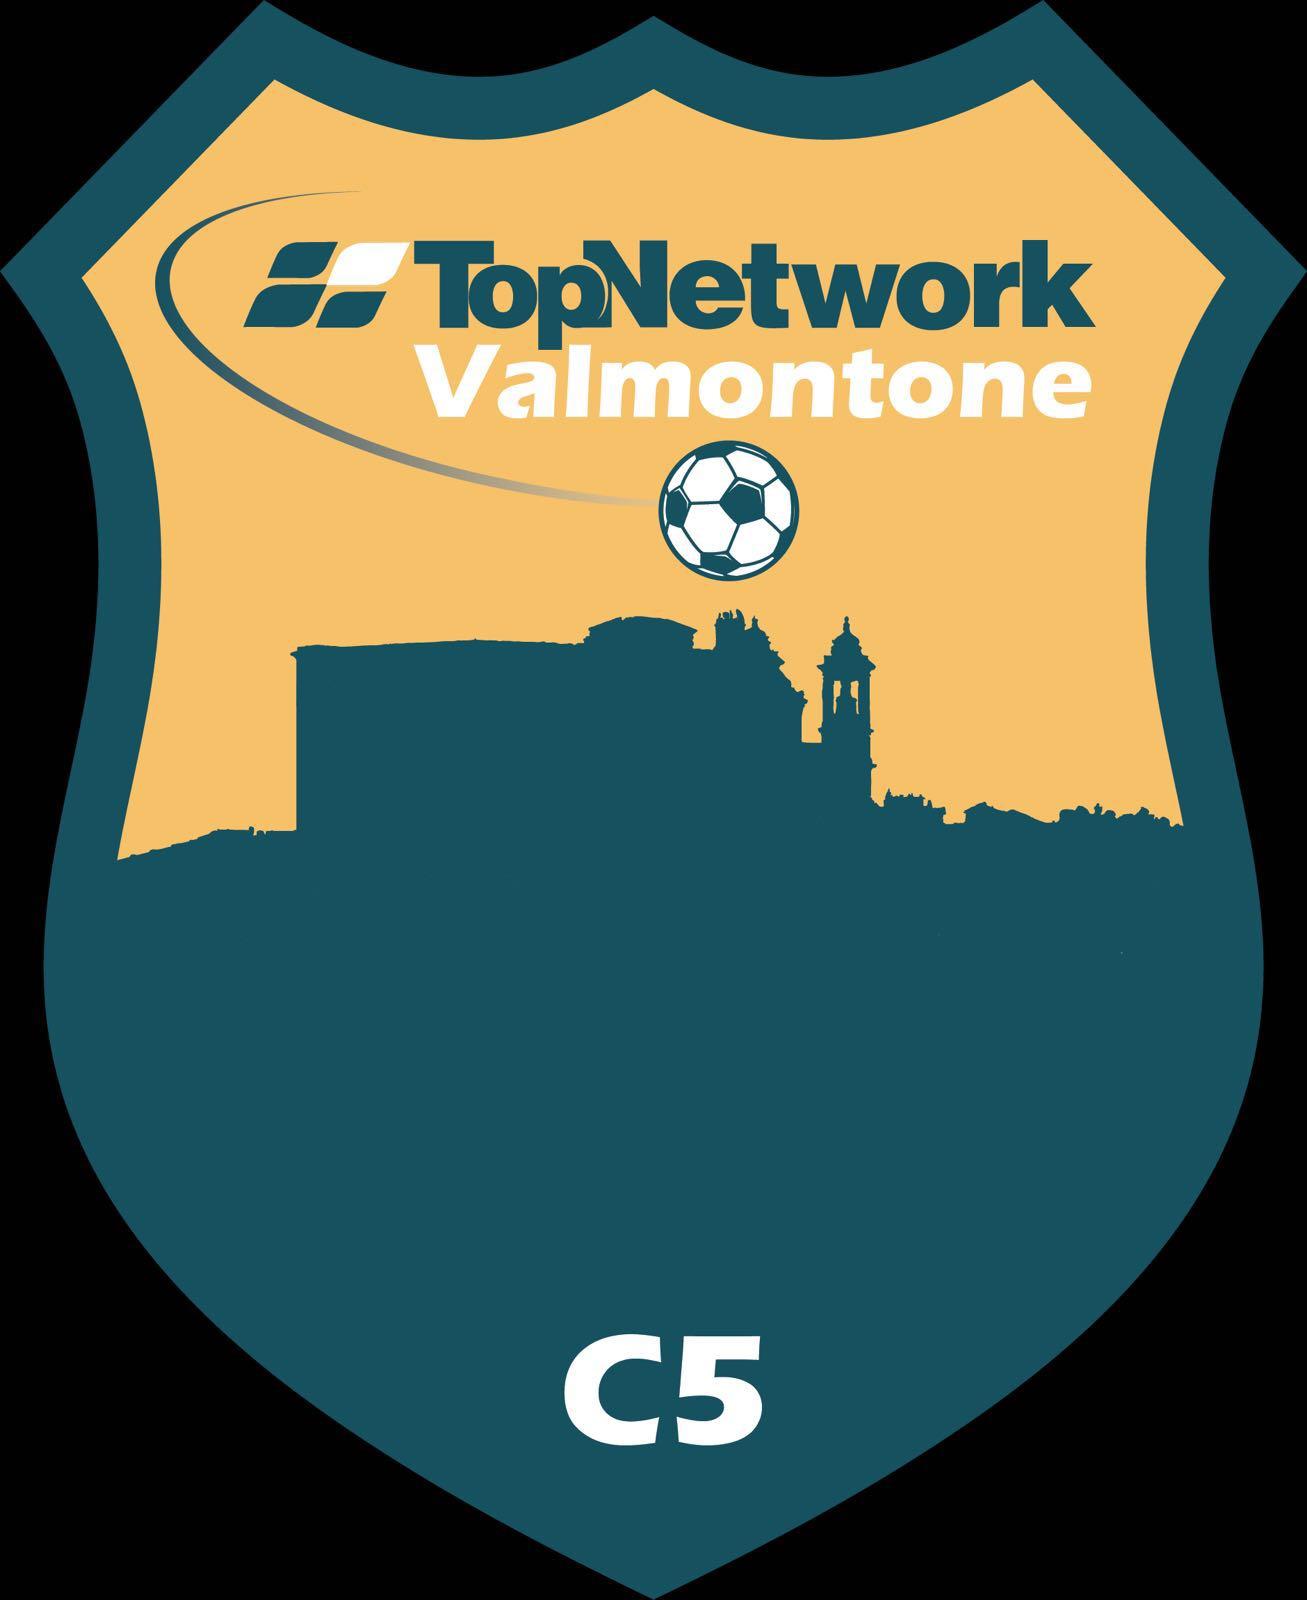 TOPNETWORK VALMONTONE